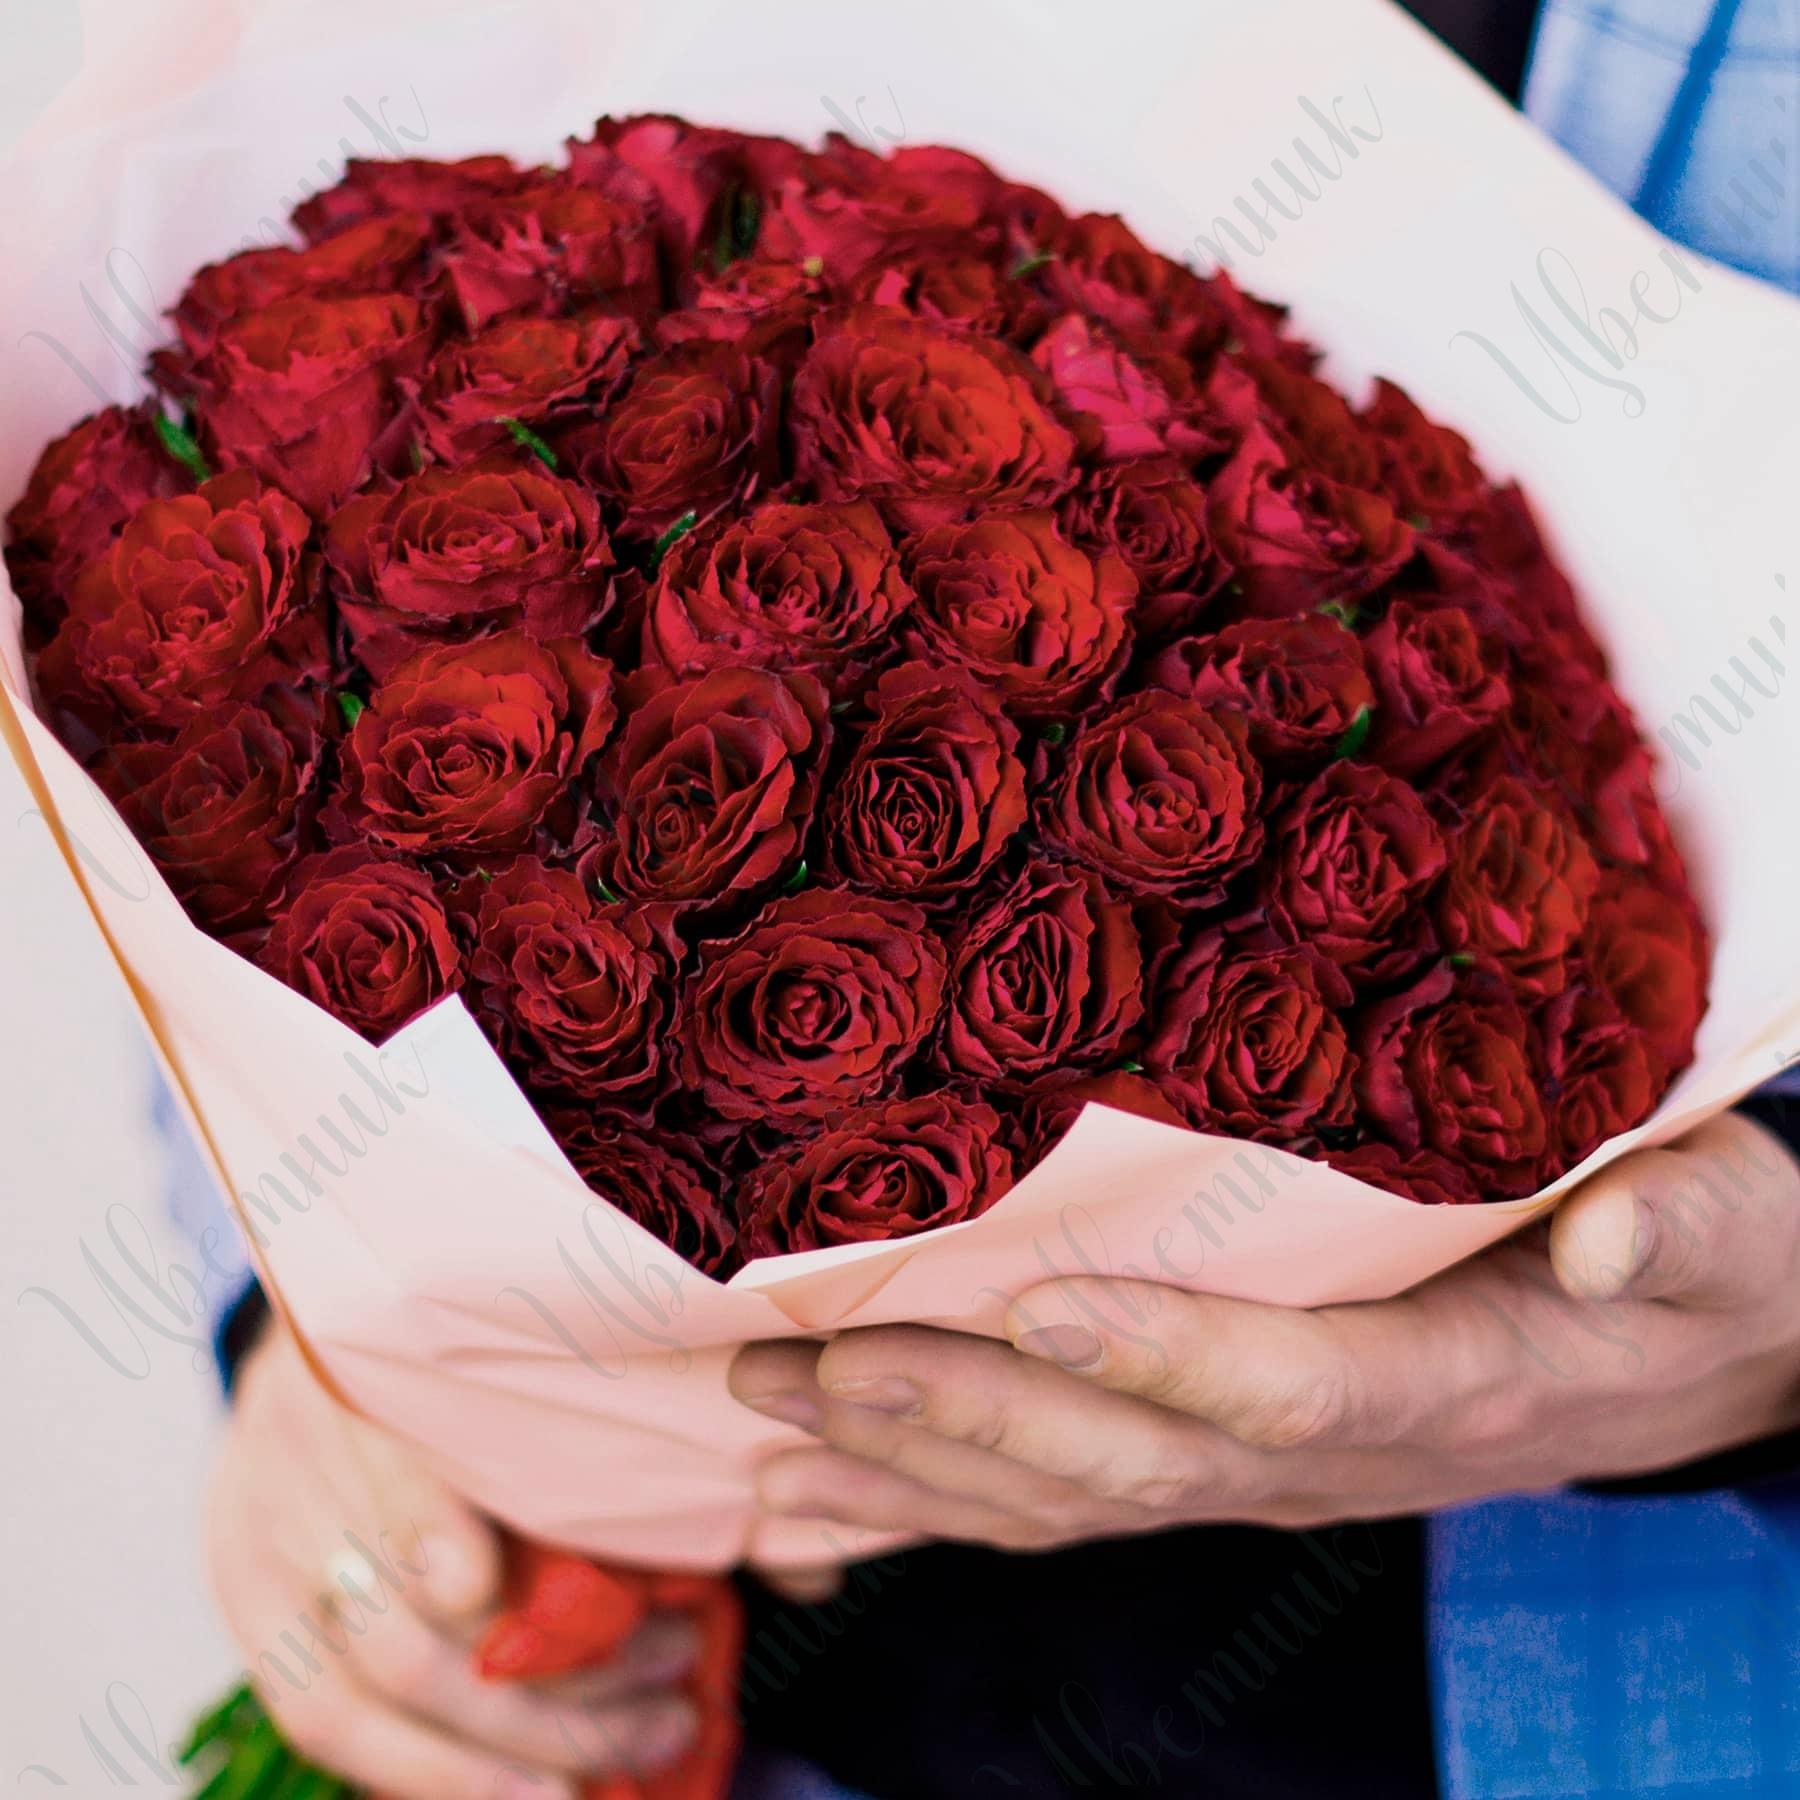 Букет из 51 красной розы, высотой 45 см в упаковке из матовой пленки